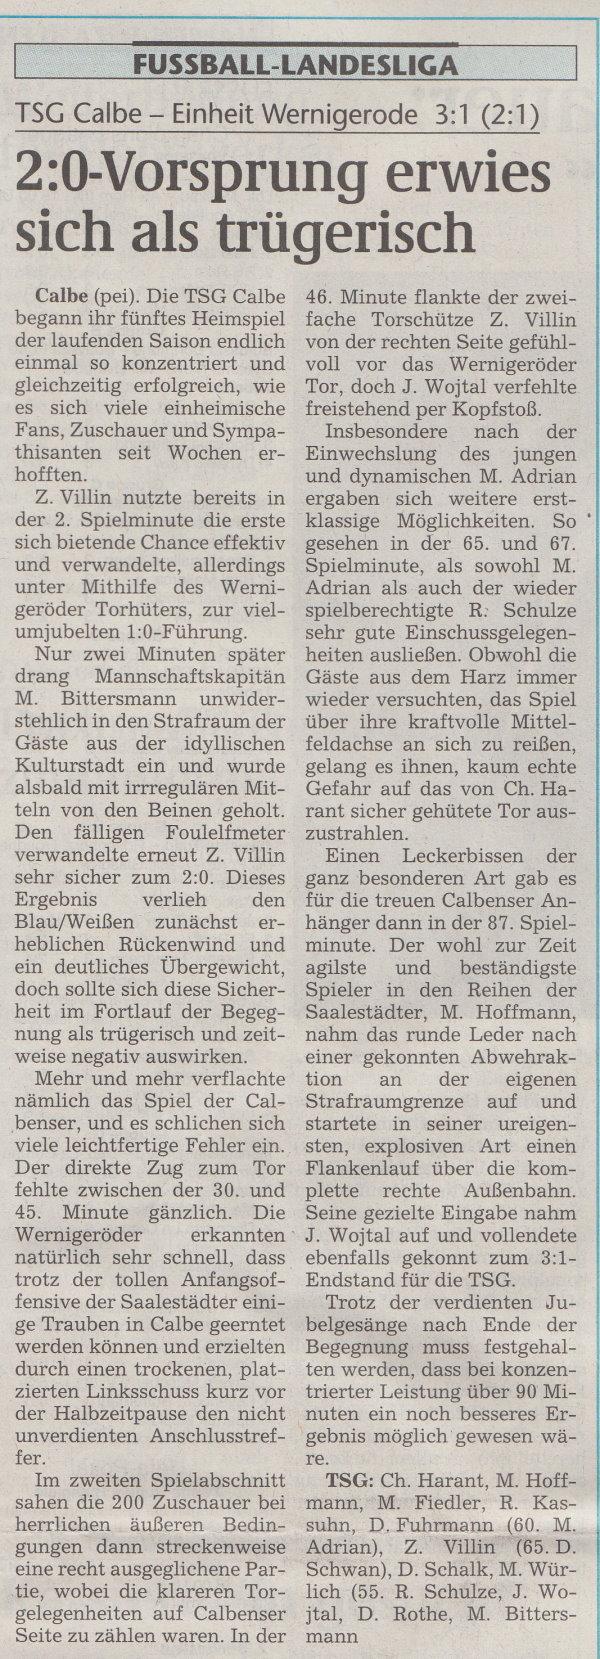 Volksstimme-Artikel vom 16. Oktober 2001.